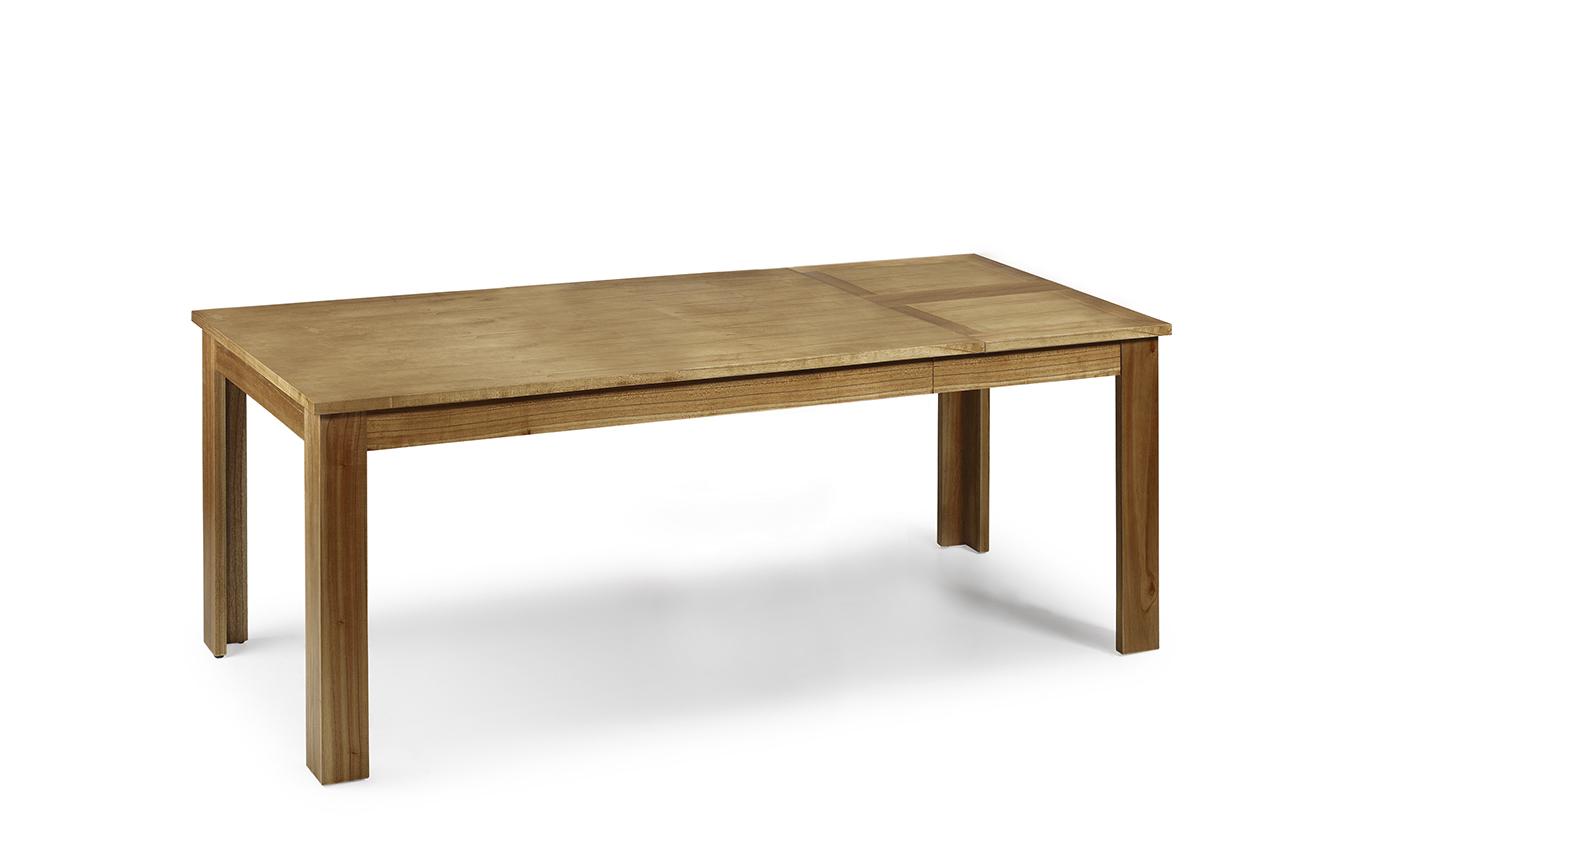 table de salle manger en bois naturel avec rallonge lat rale 160 220 90 78 collection briani. Black Bedroom Furniture Sets. Home Design Ideas